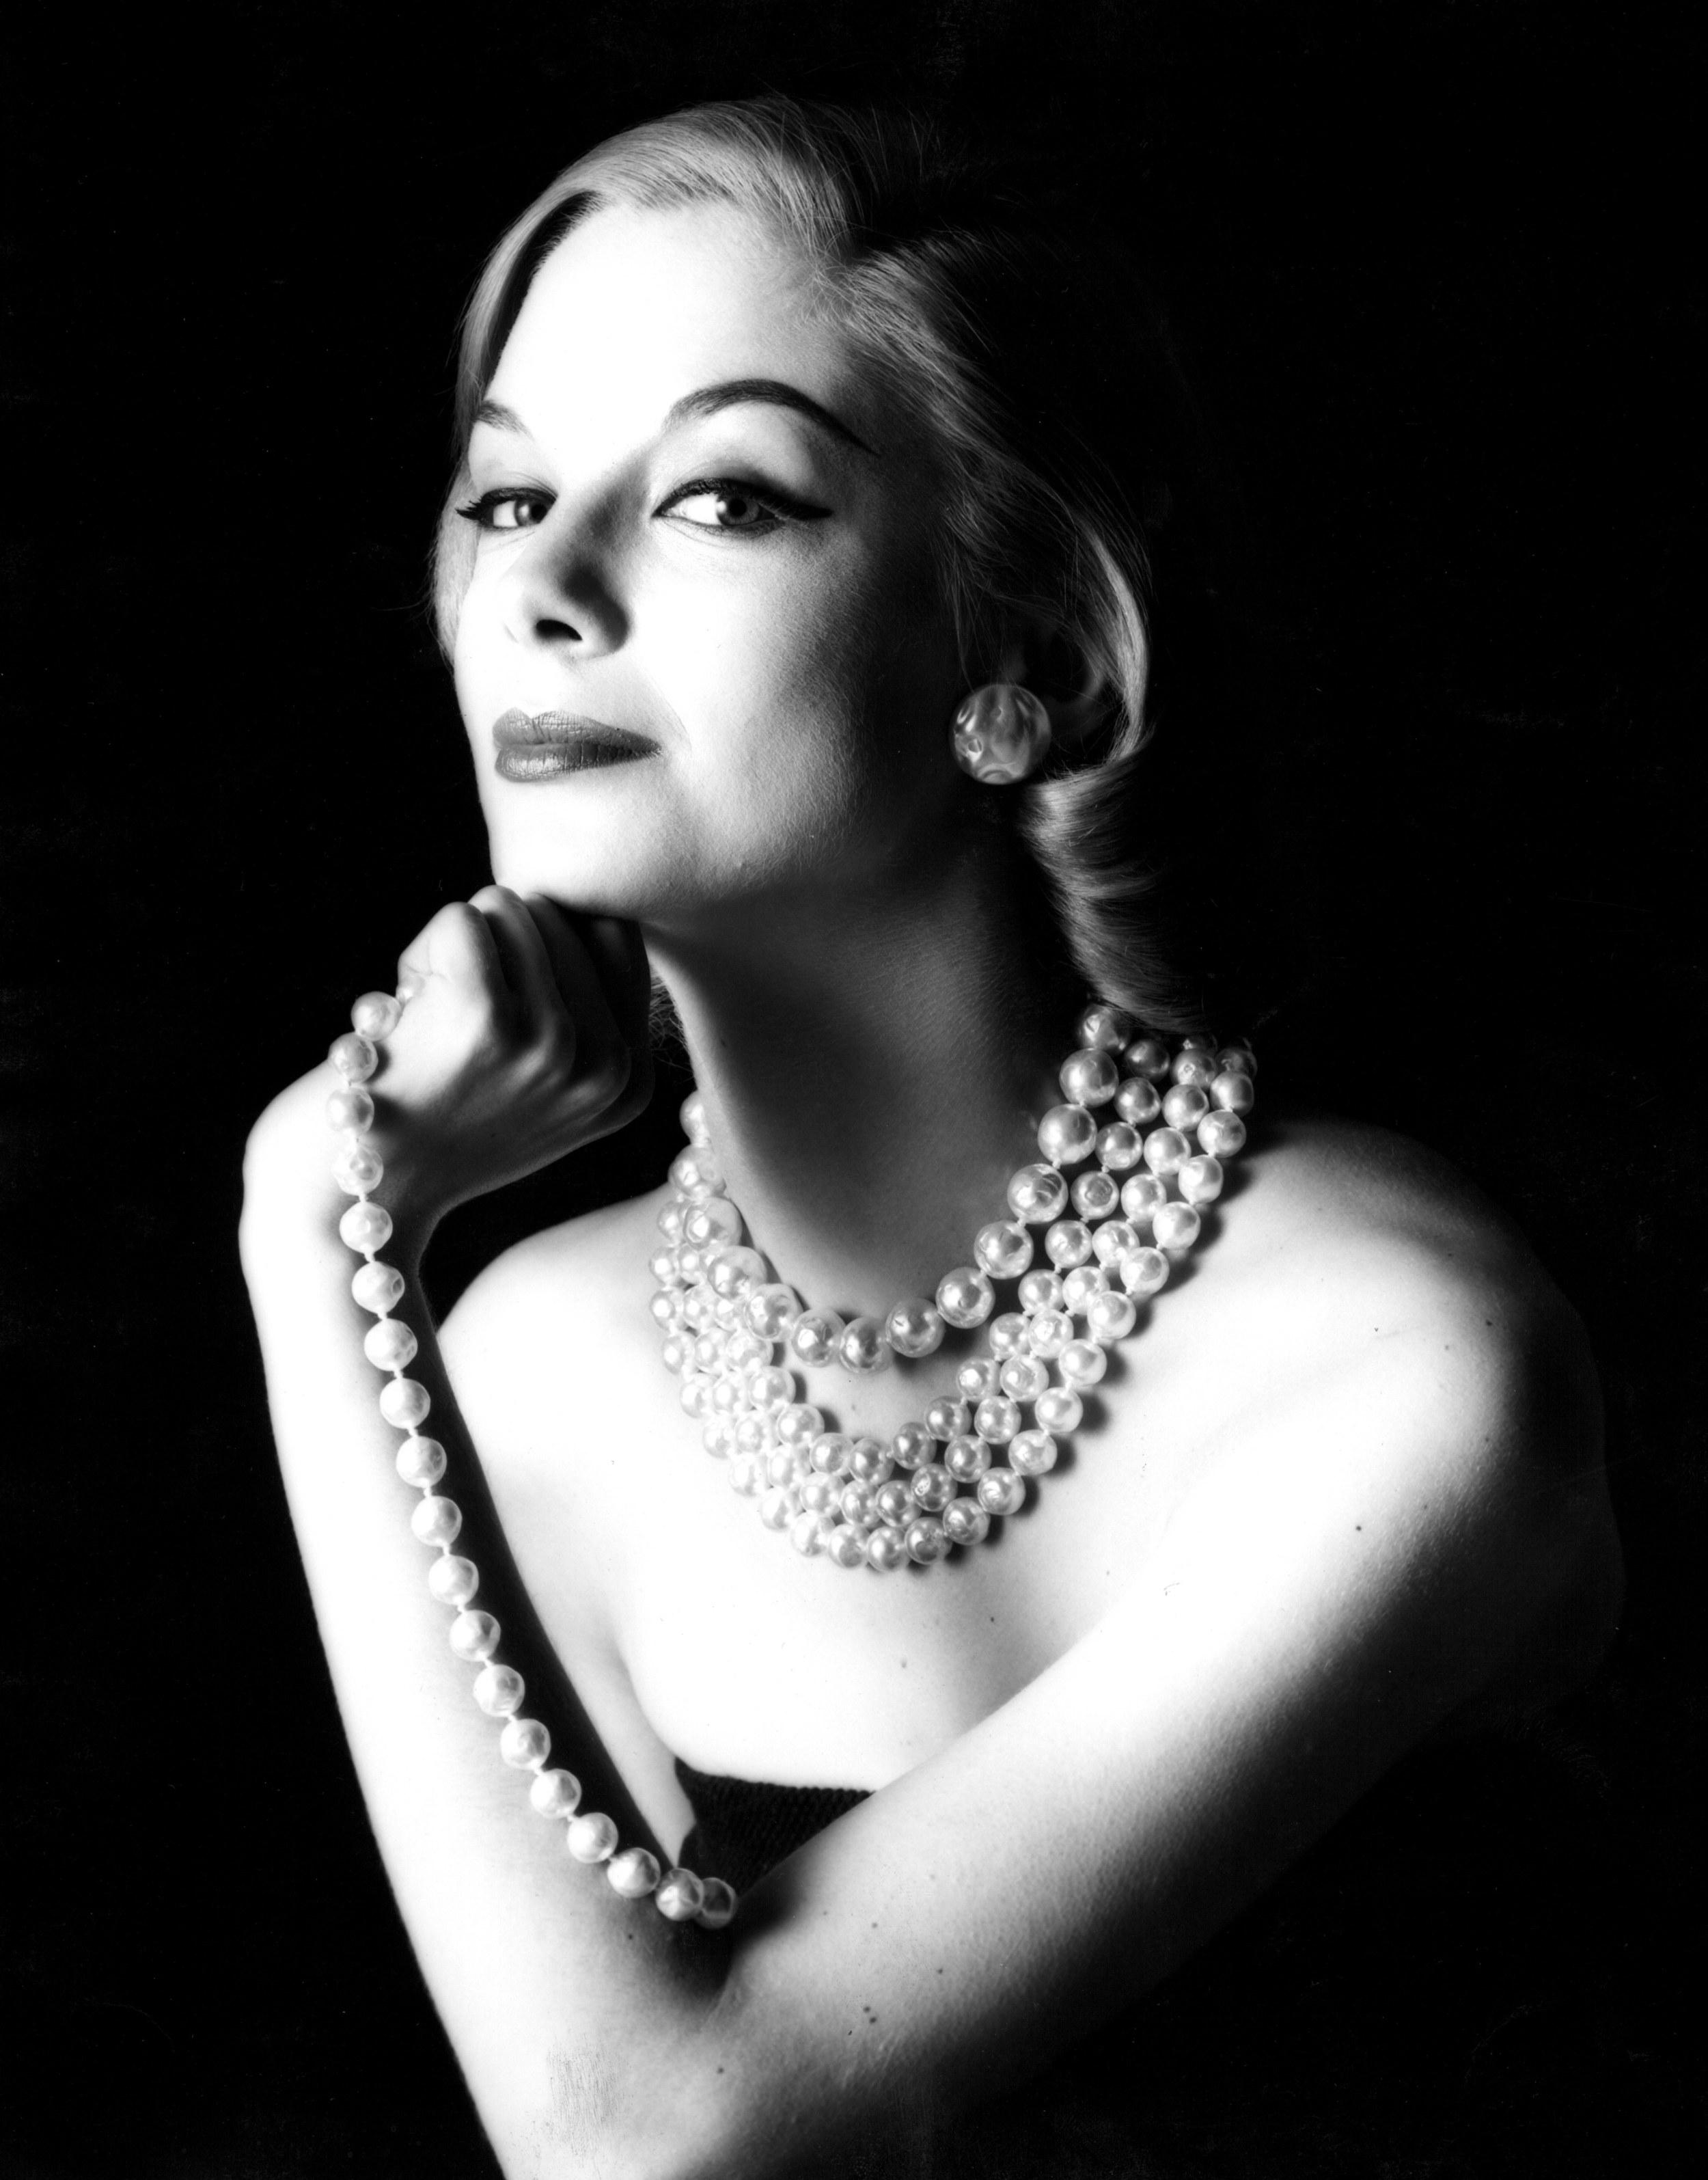 Model Jean Patchett